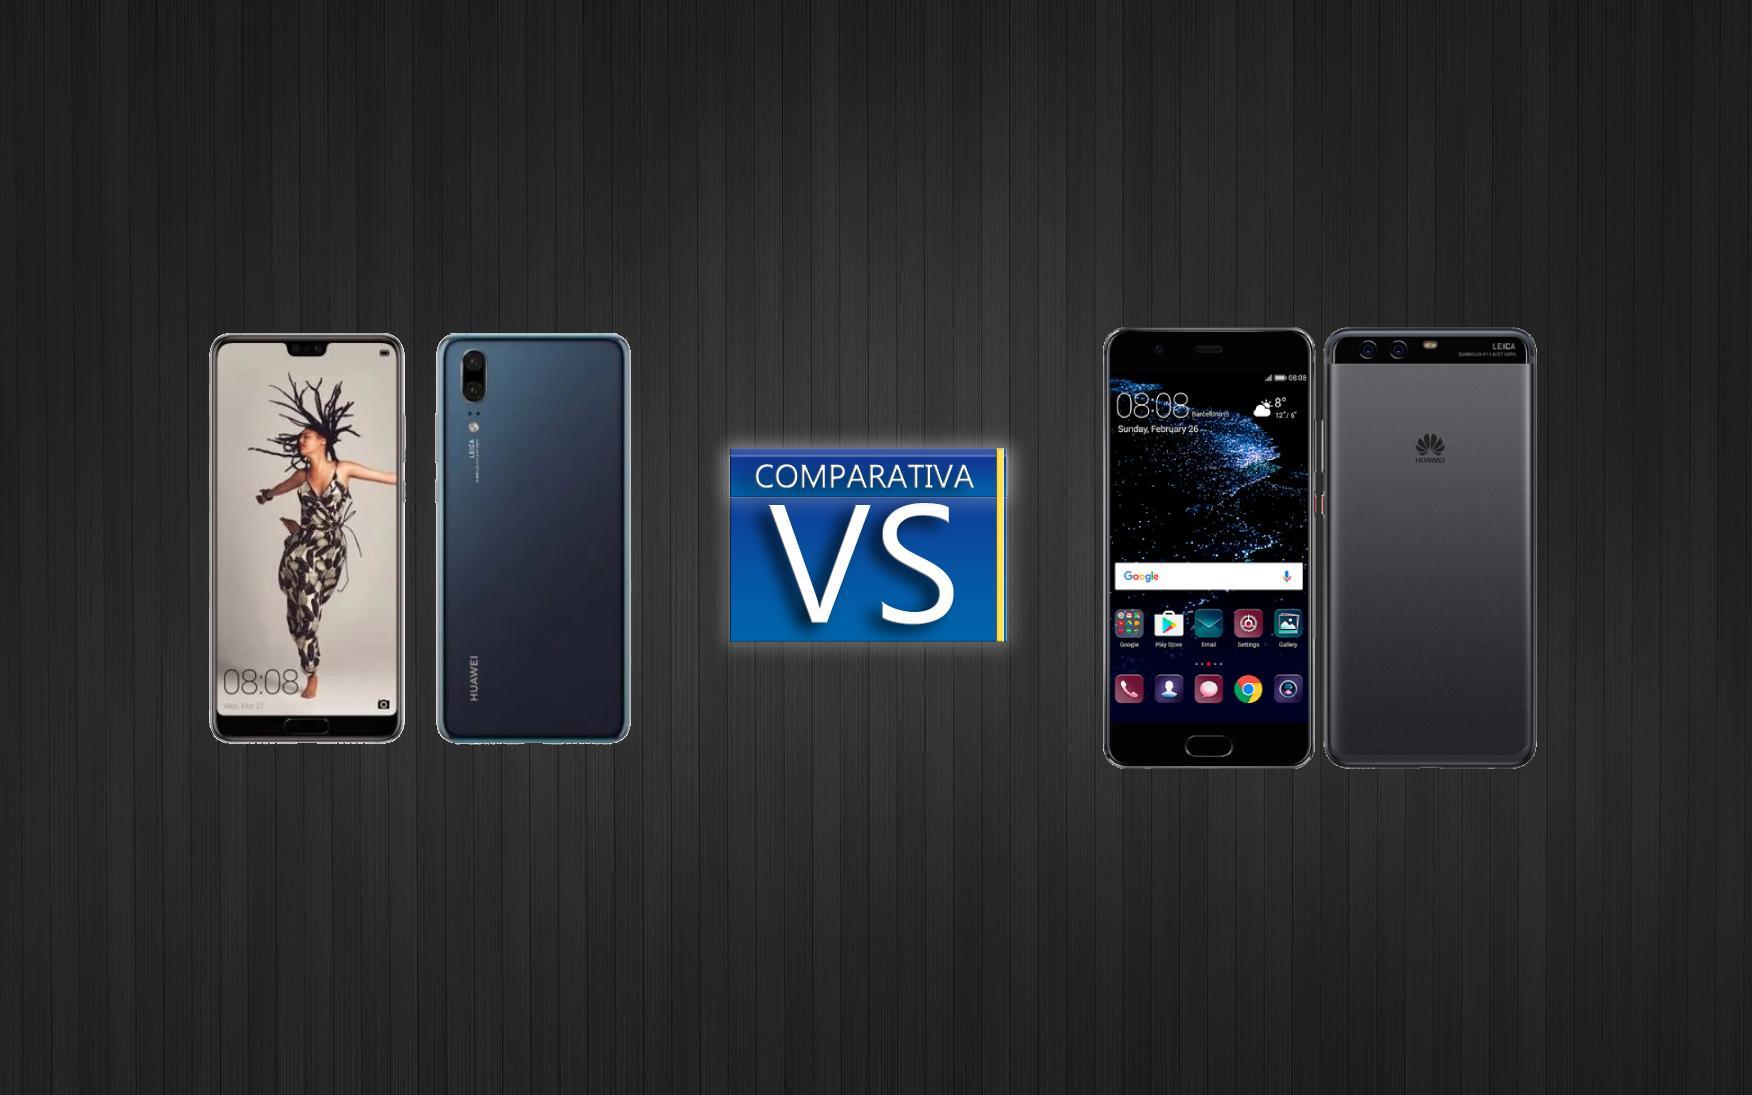 Comparativa del Huawei P20